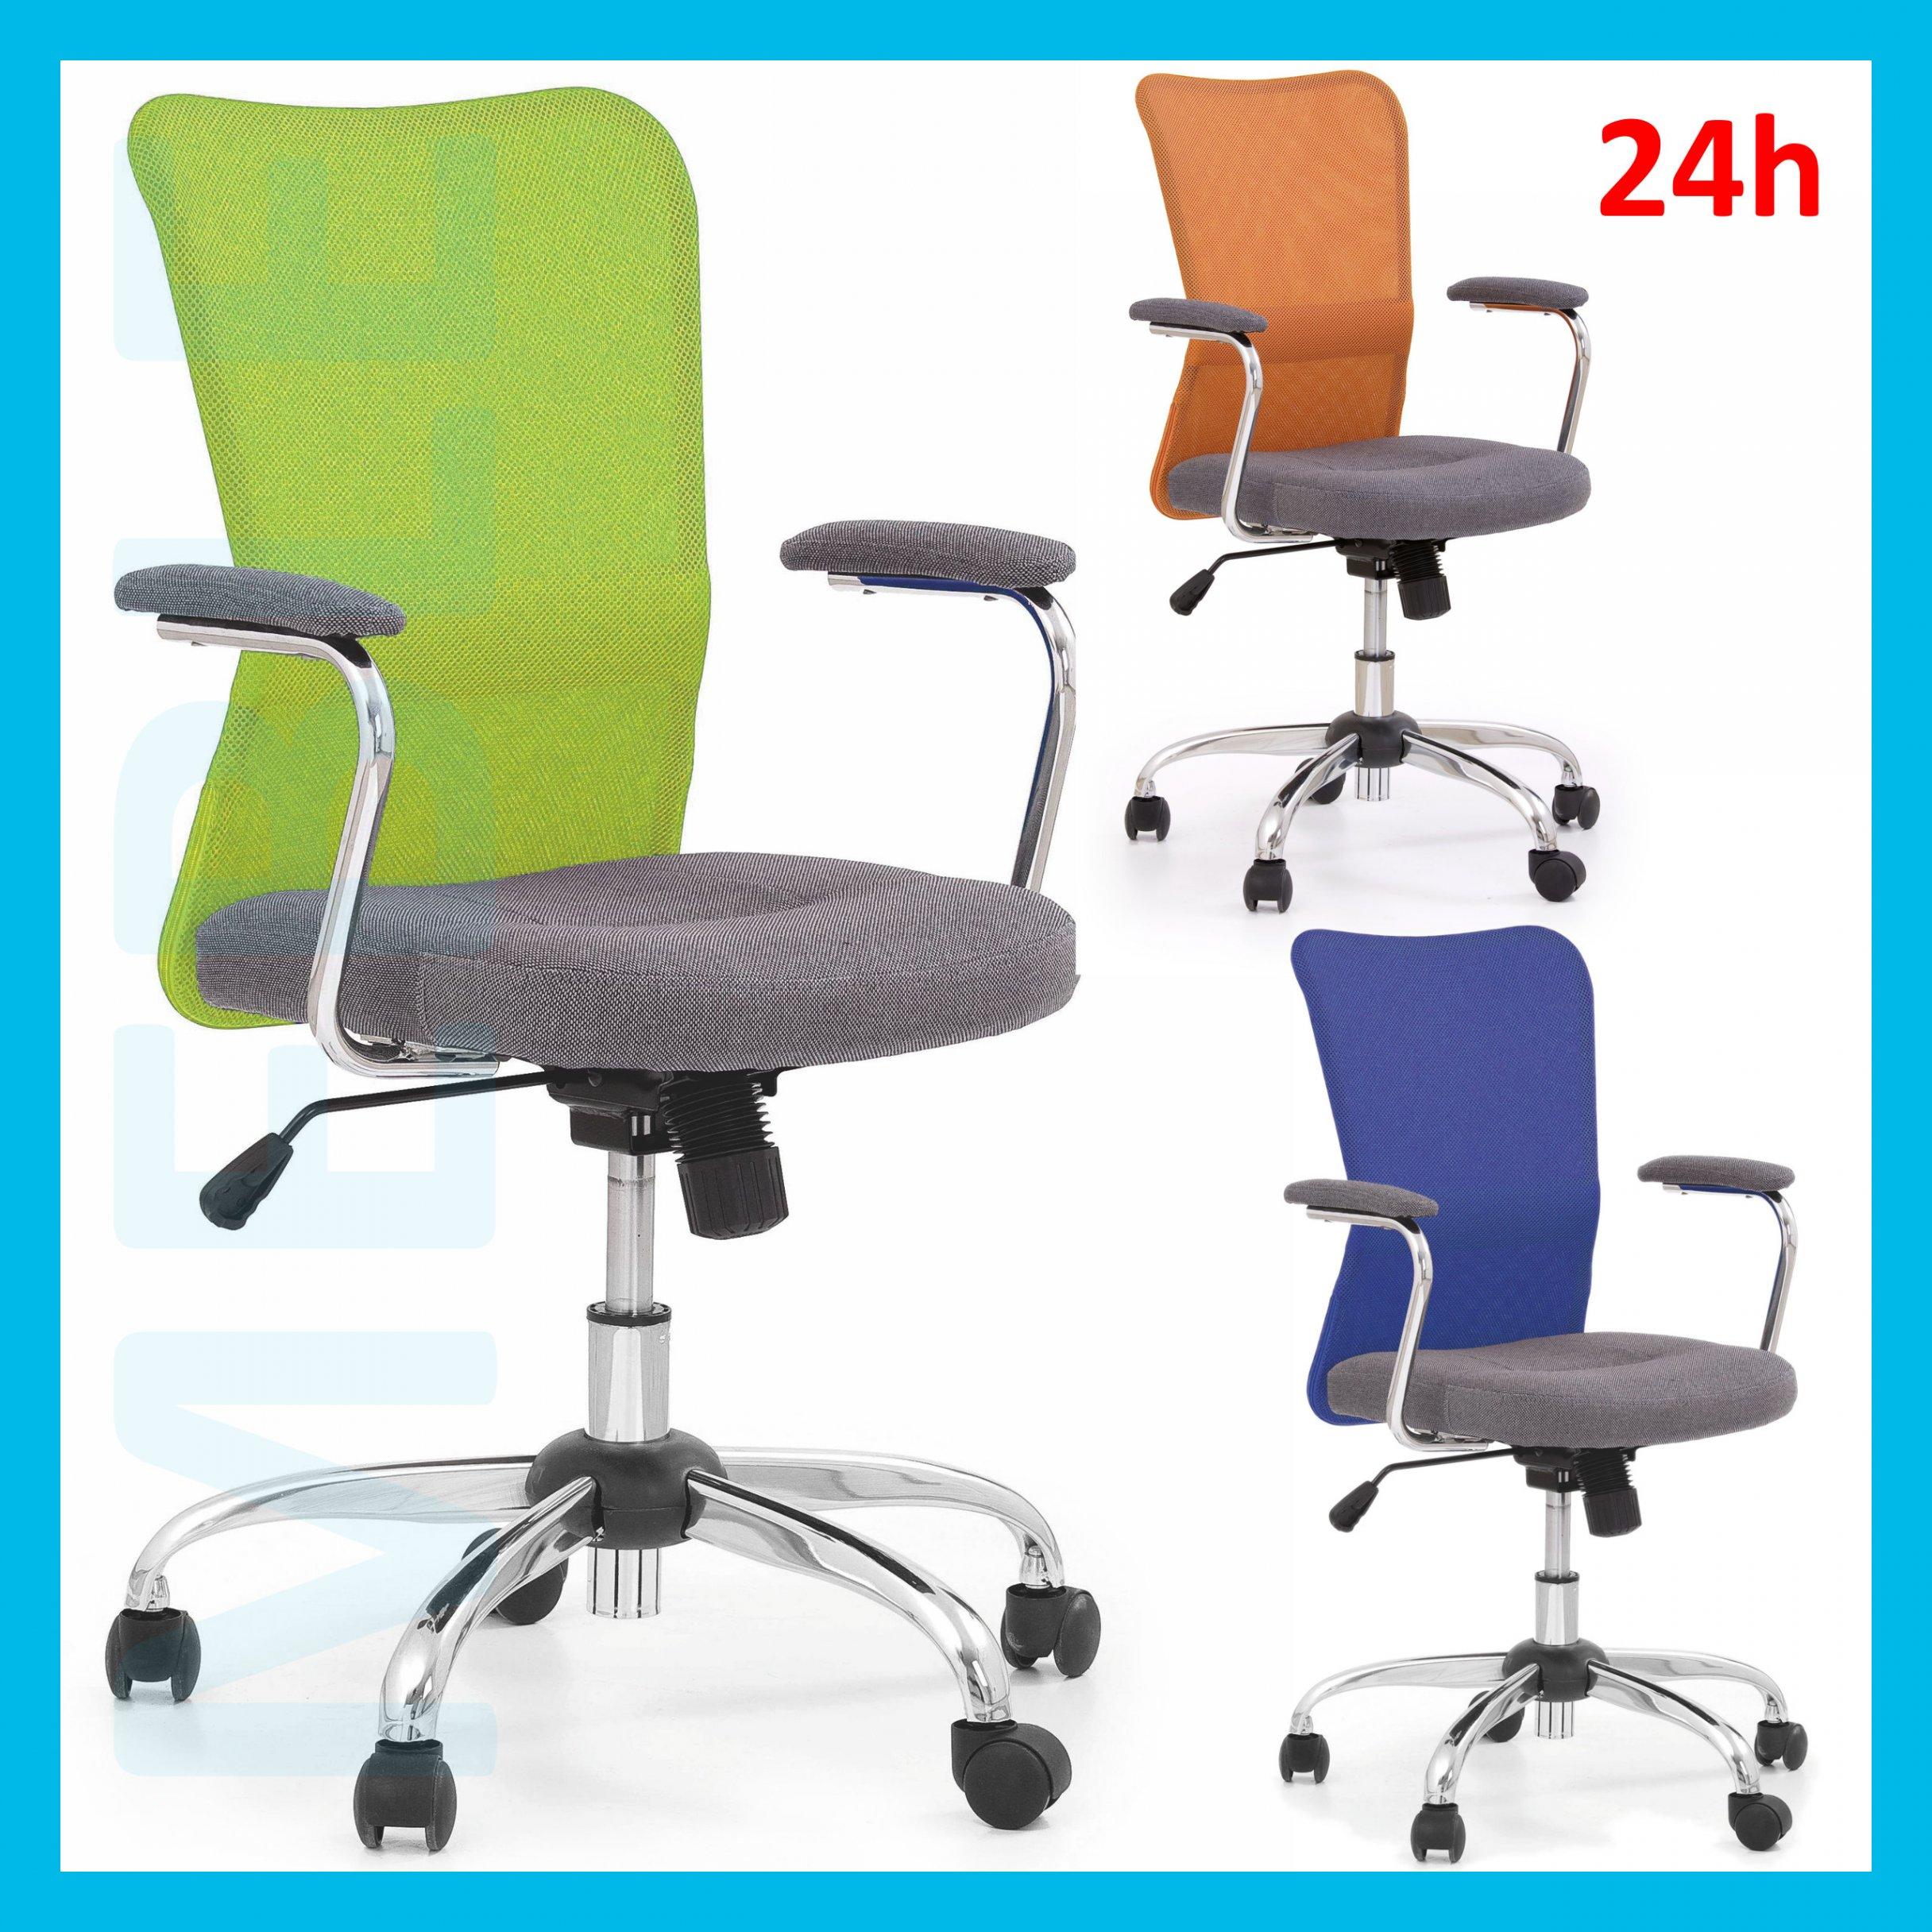 Krzesło Biurowe Obrotowe Andy Młodzieżowe 24h 6745526522